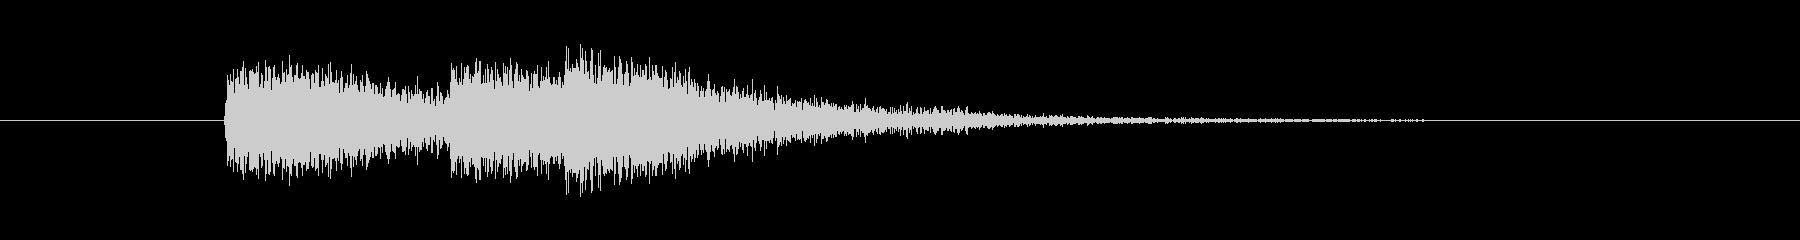 クイズ出題04 / 商品効果 ピッチ低めの未再生の波形